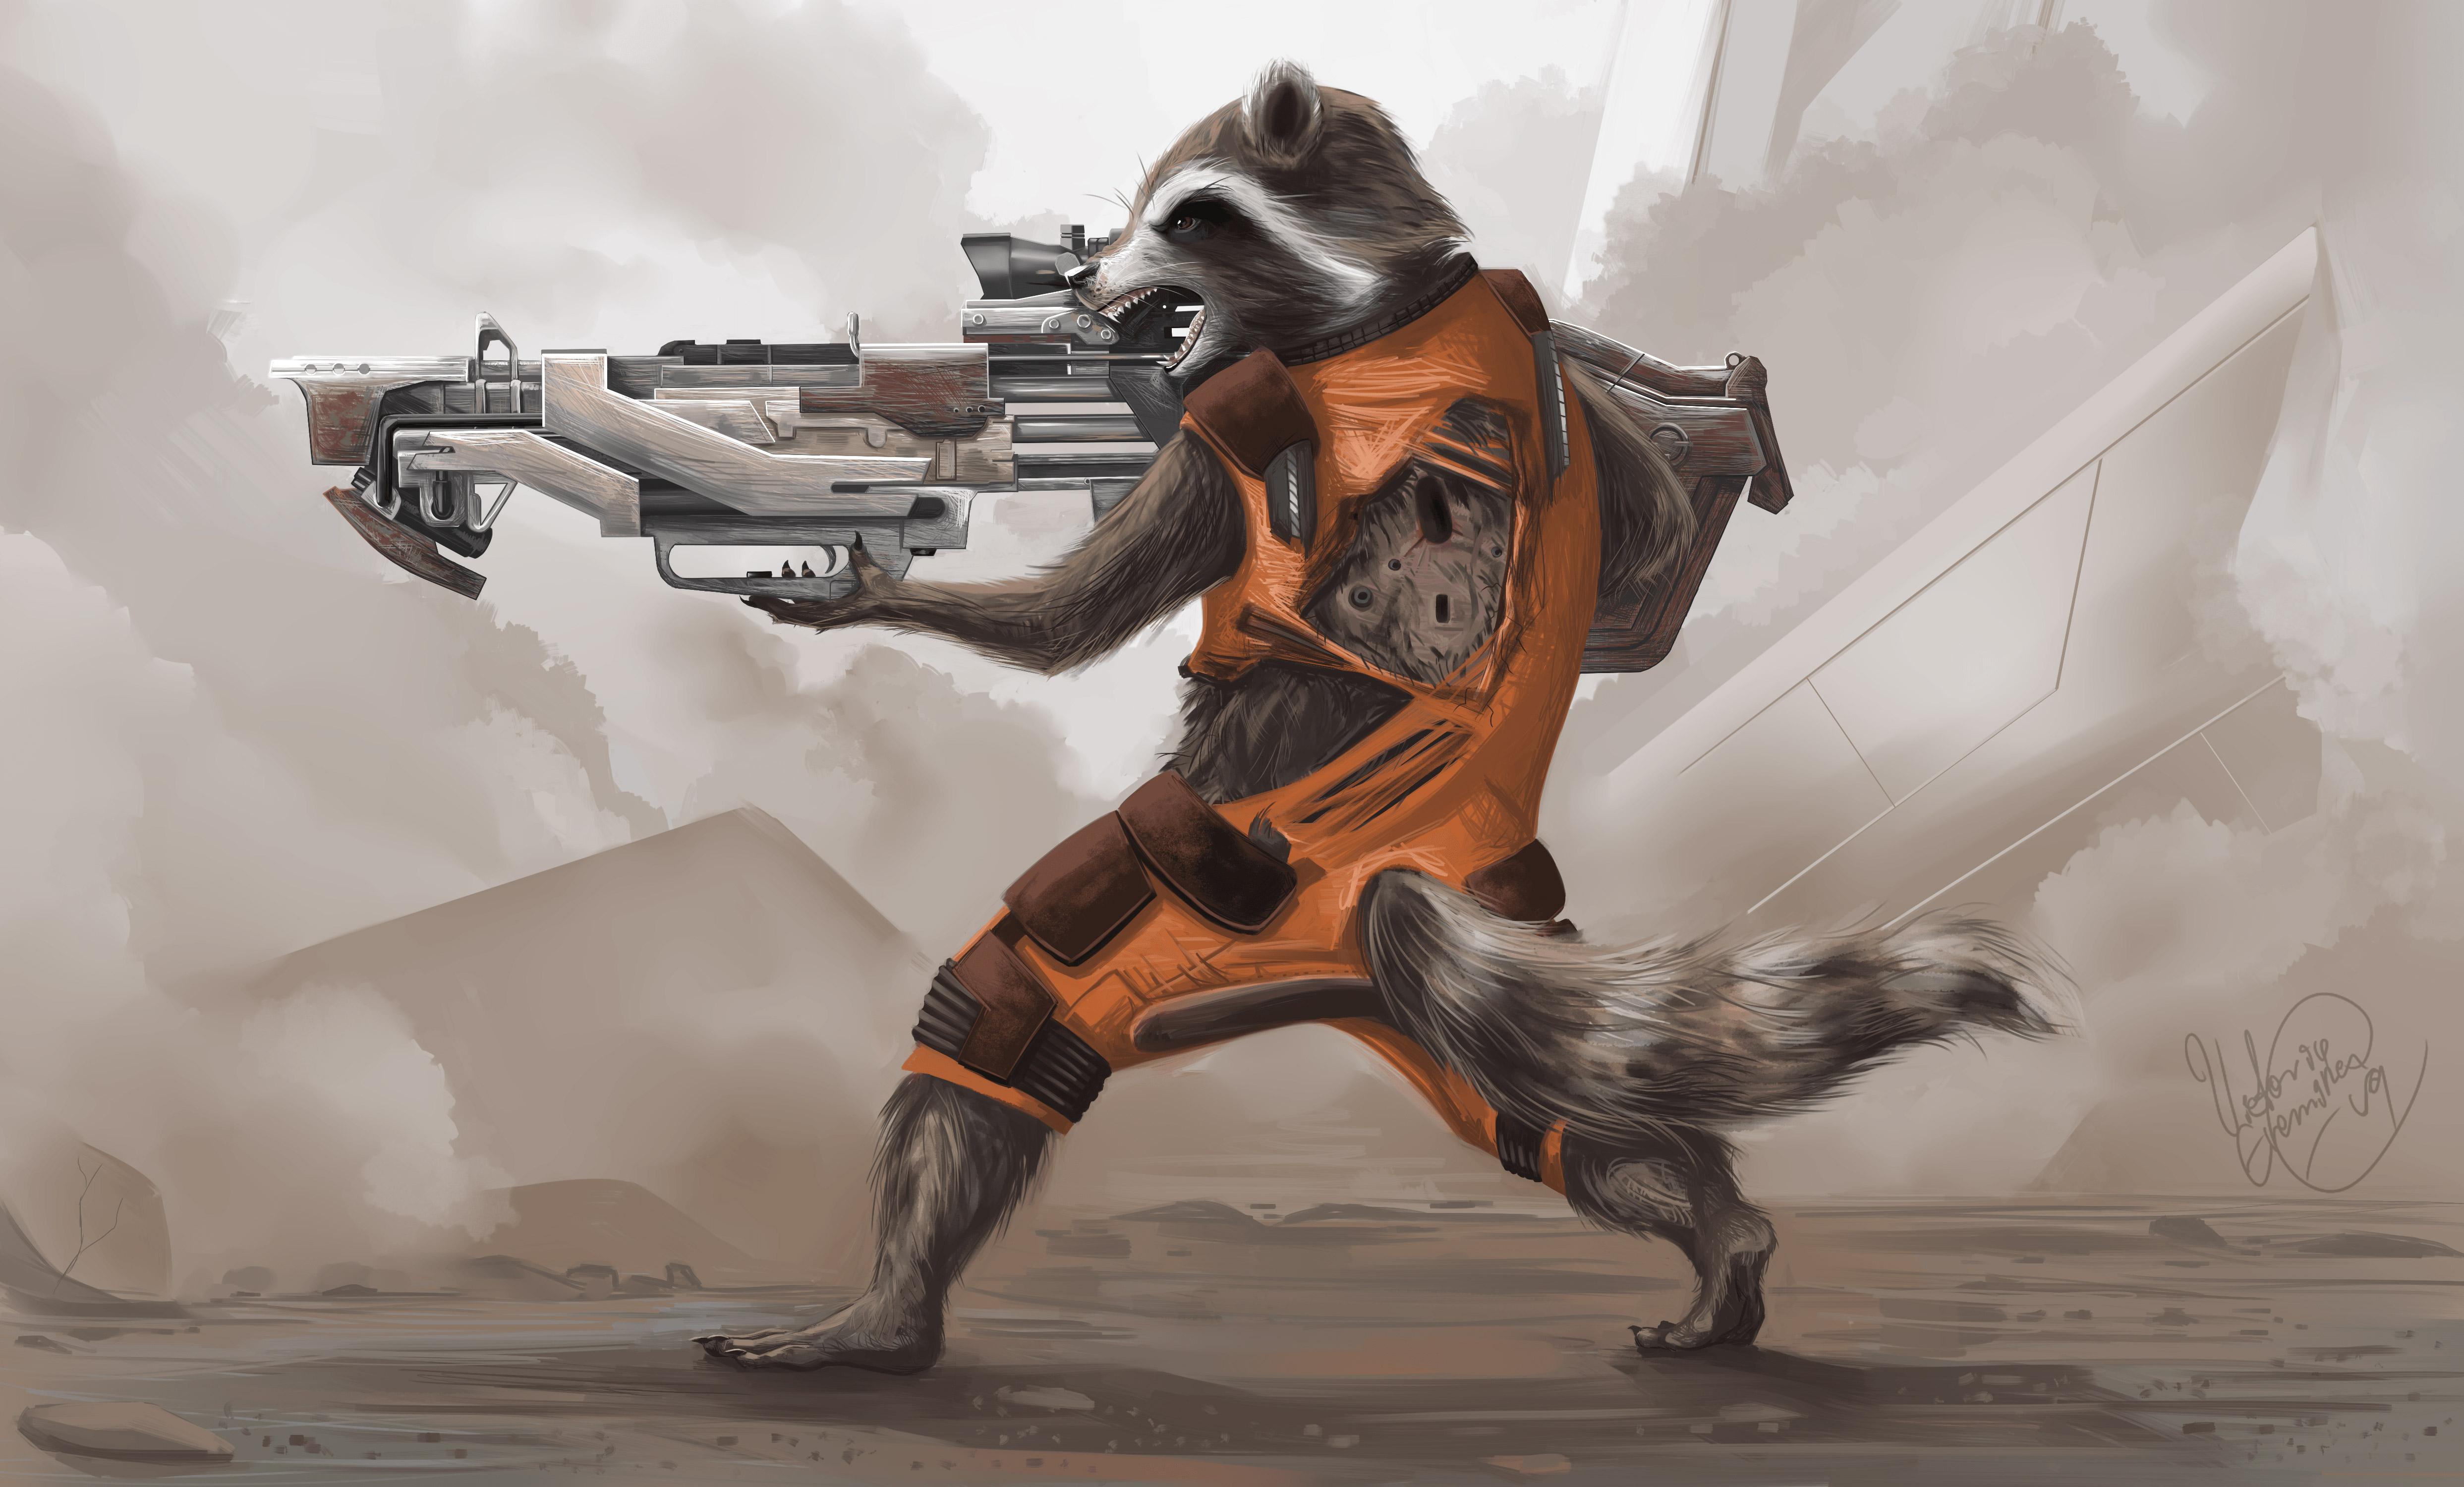 Rocket raccoon artwork 4k hd artist 4k wallpapers - Rocket raccoon phone wallpaper ...